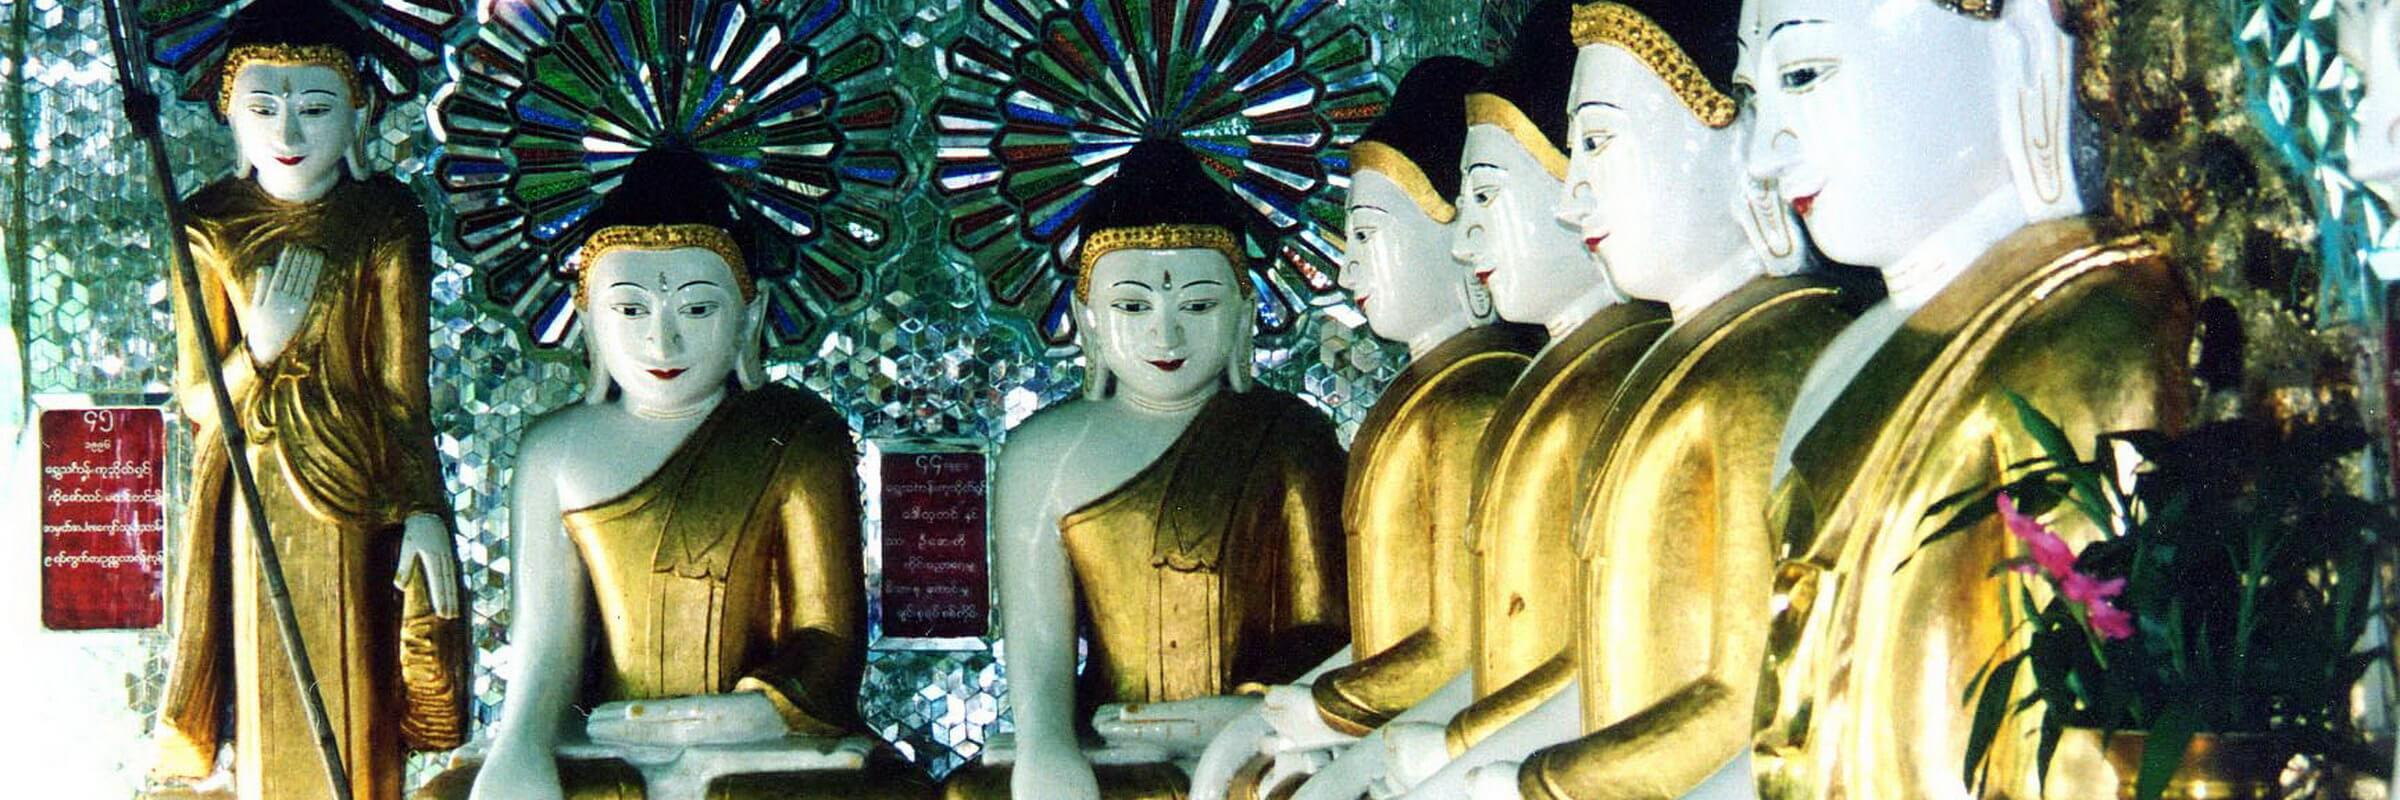 U Min Thonze Pagode in Sagaing, auch Pagode der 30 Höhlen genannt, mit ihren zahlreichen Buddha Figuren